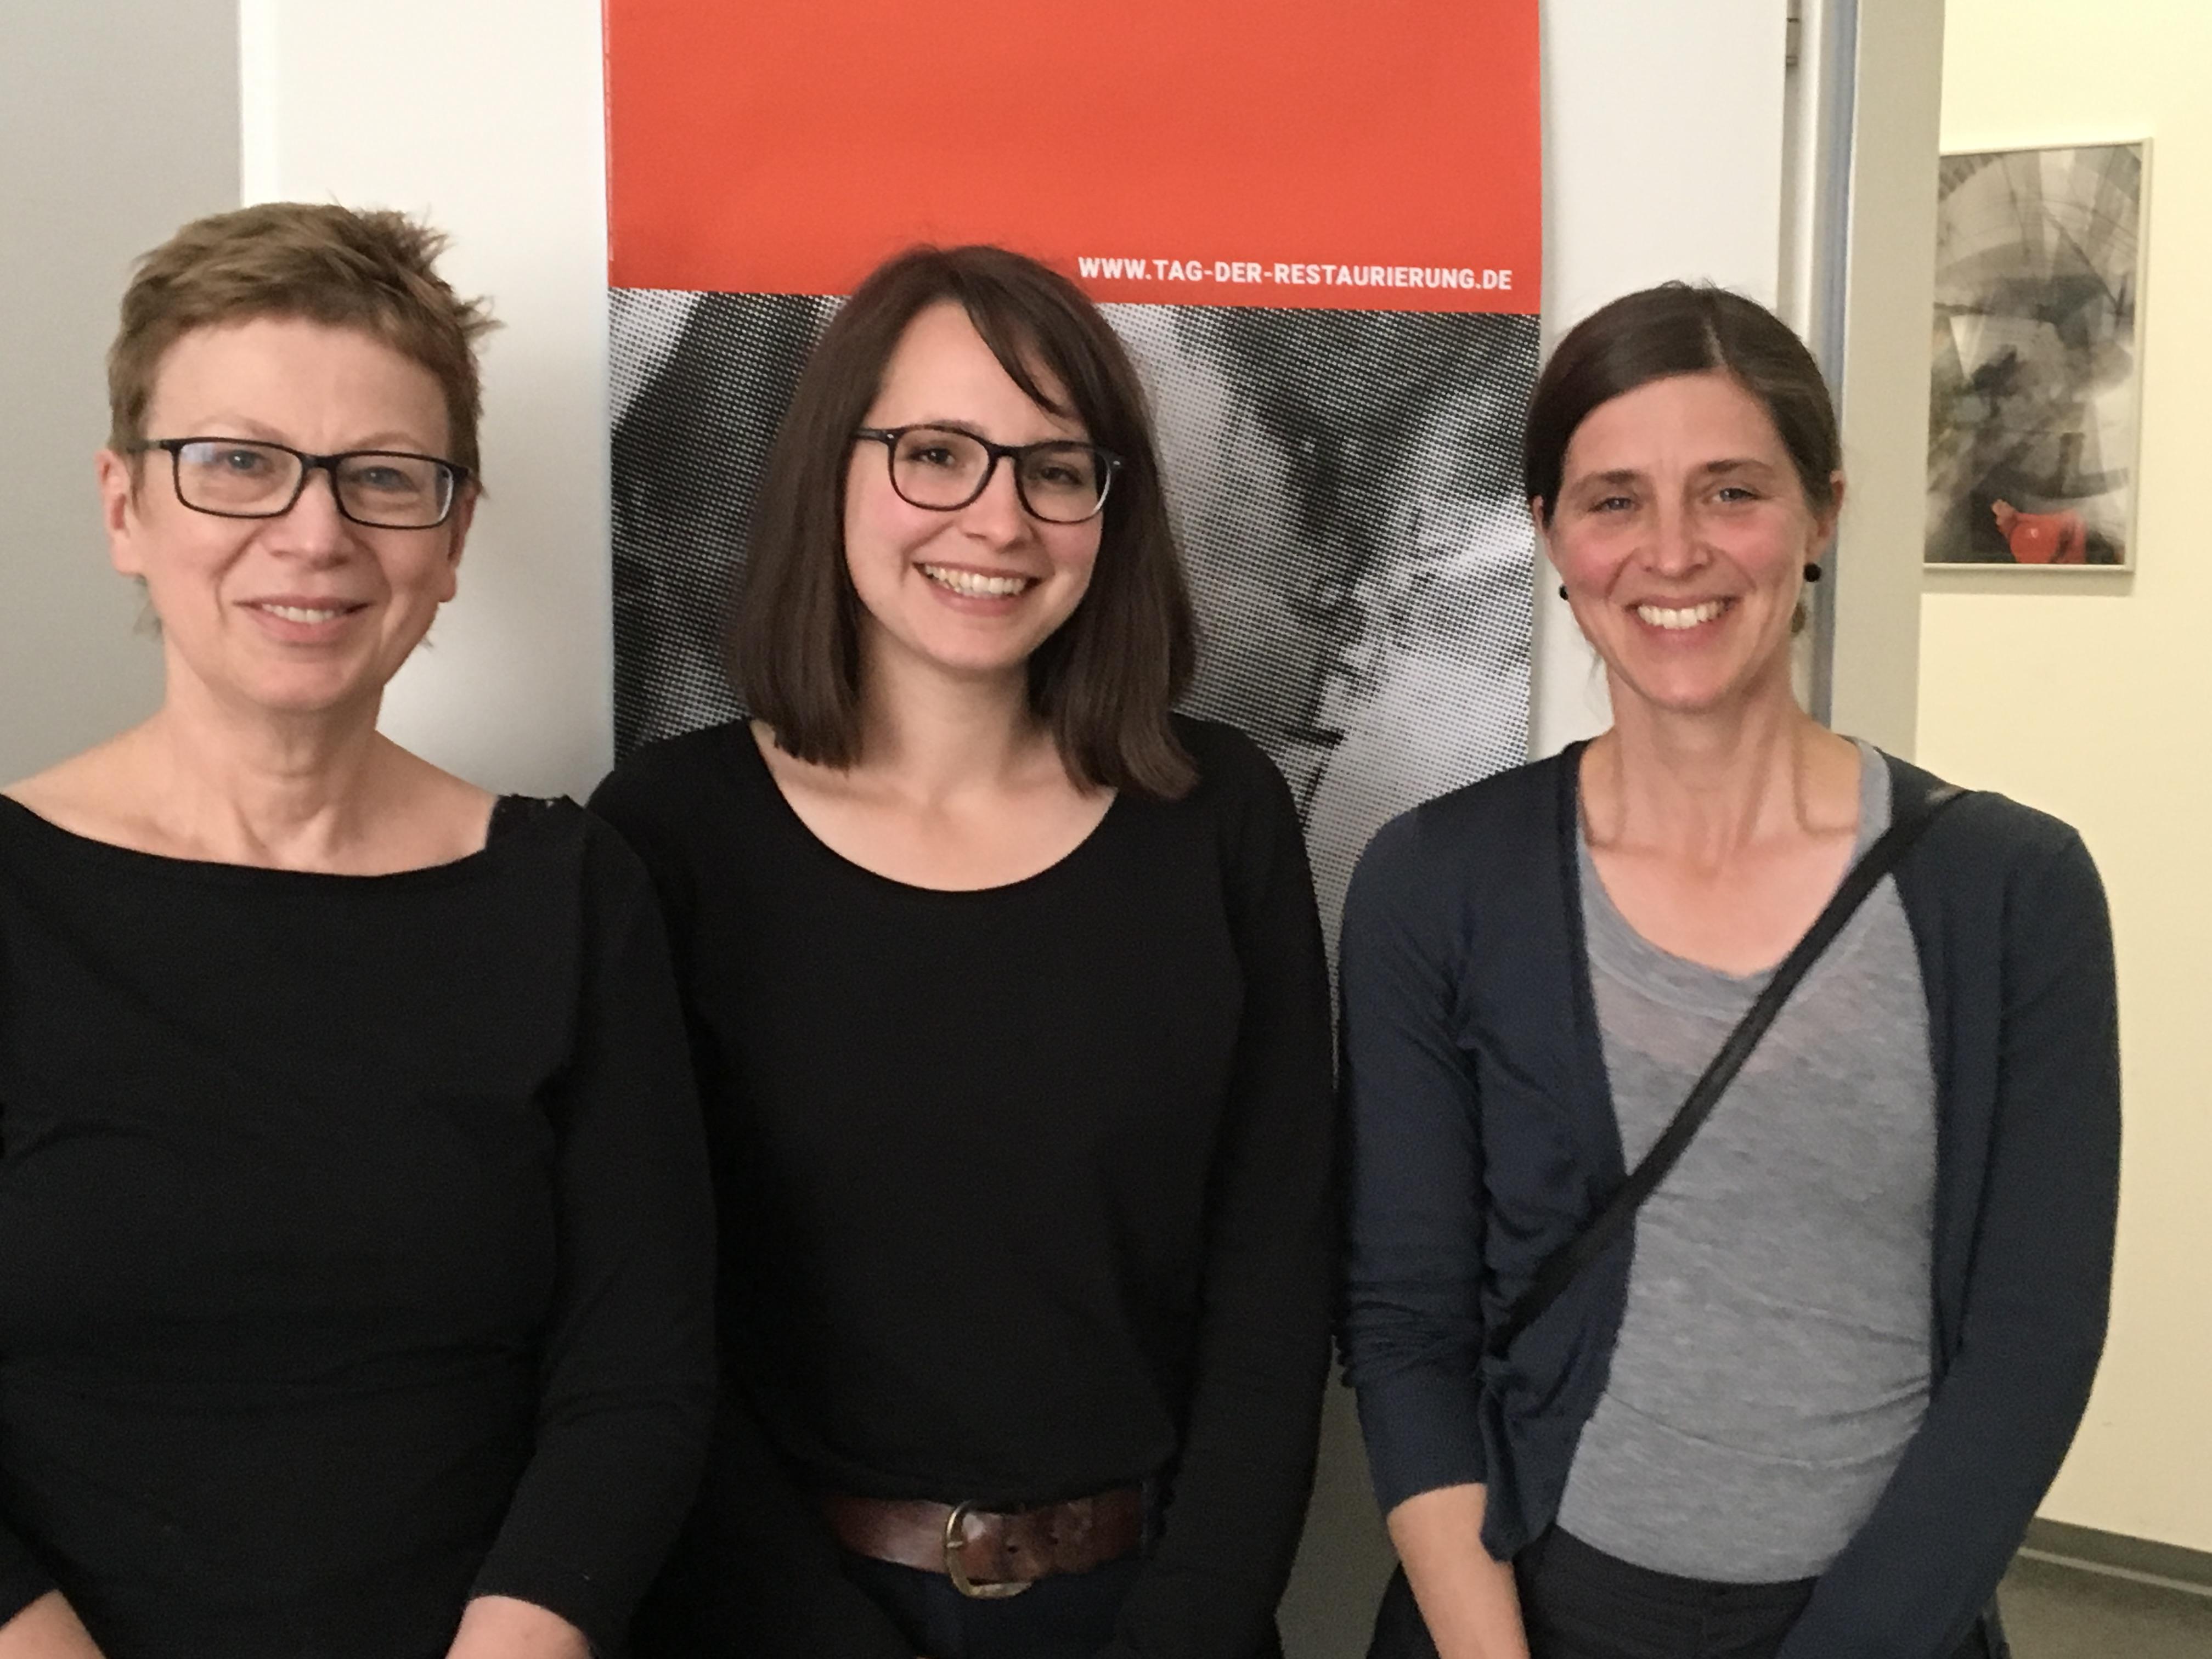 Die gewählten Sprecherinnen der Fachgruppe Theorie und Geschichte der Konservierung und Restaurierung: (vlnr) Gabriele Schwartz, Lena Bühl und Anne Wermescher. (Foto: Annett Xenia Schulz)